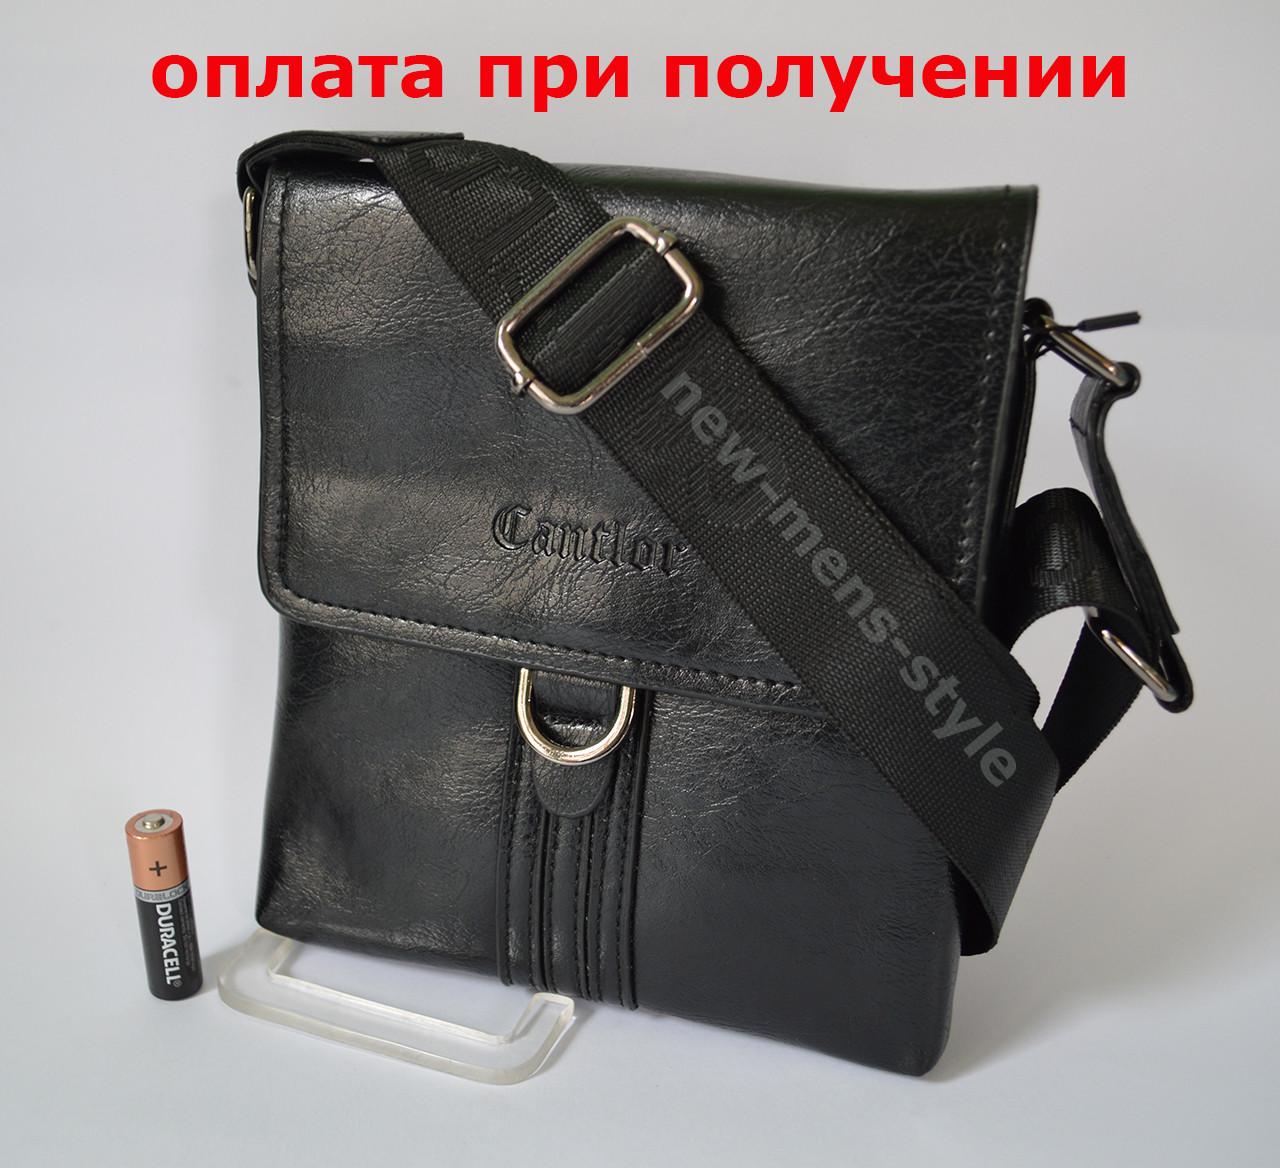 Купить сигареты в бердянске что такое табачные стики neo